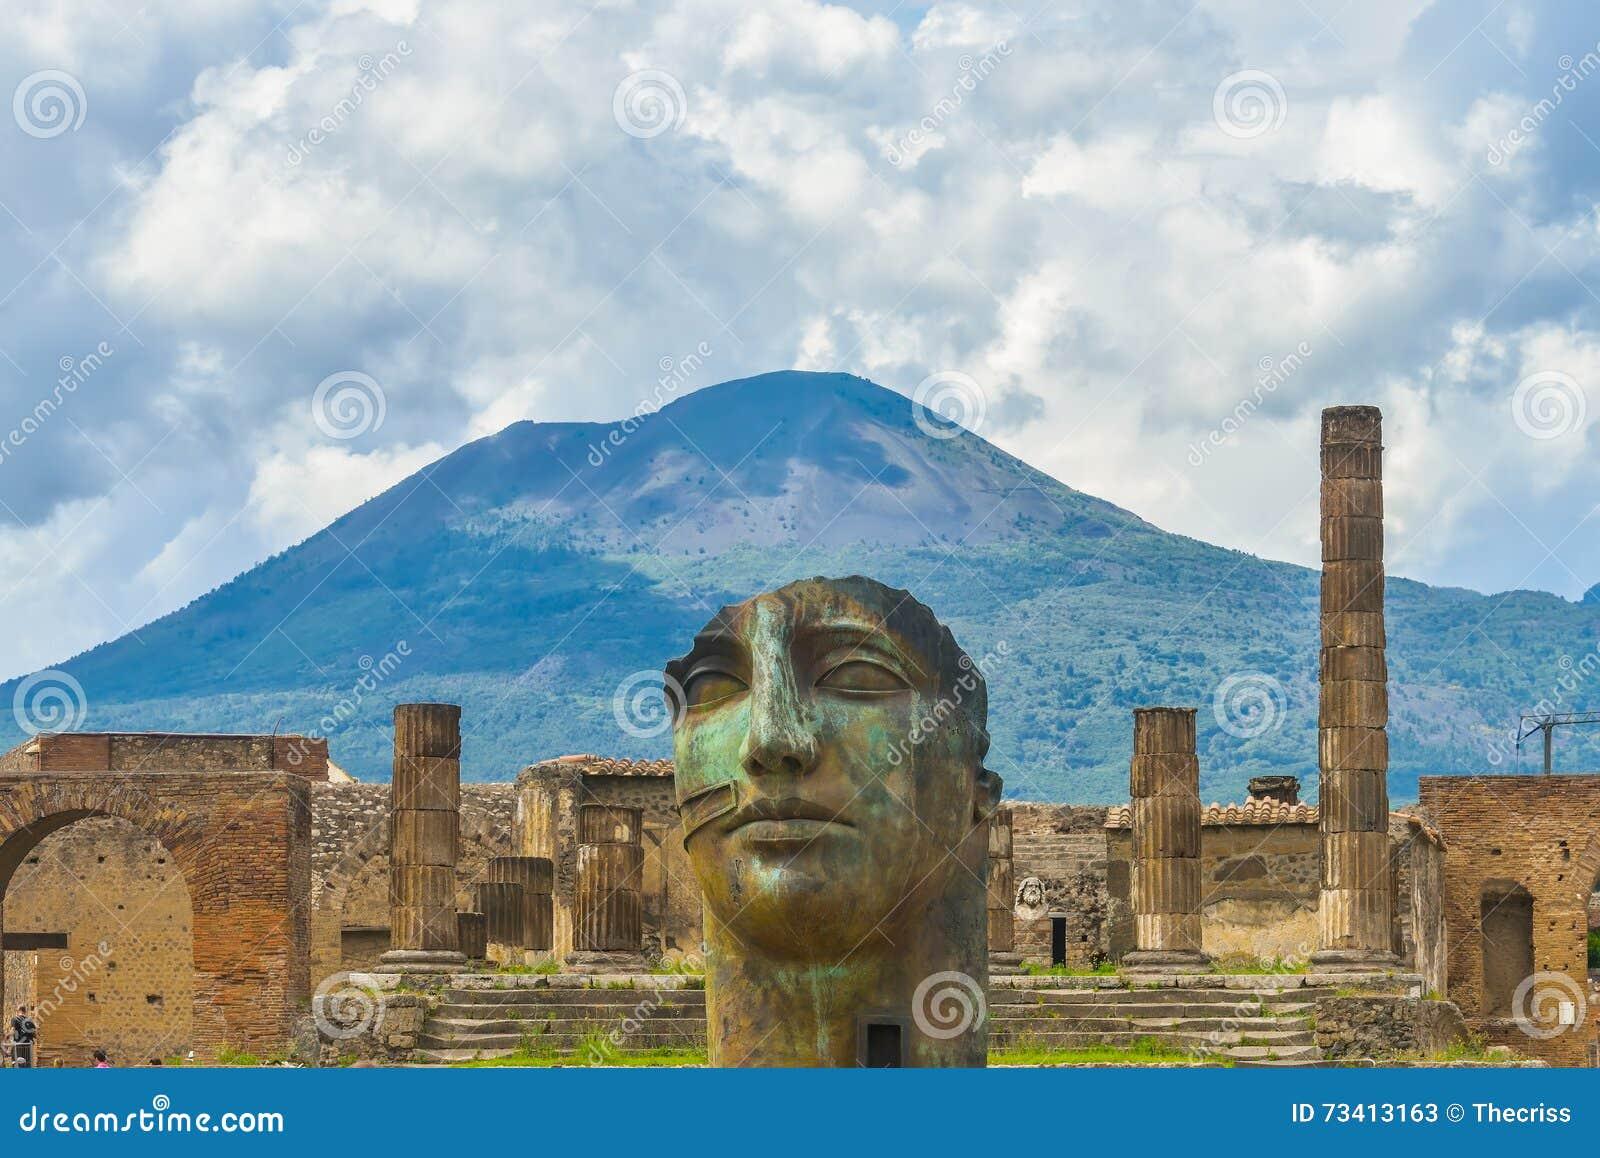 Pompeii ruins after the eruption of Vesuvius at Pompeii, Italy